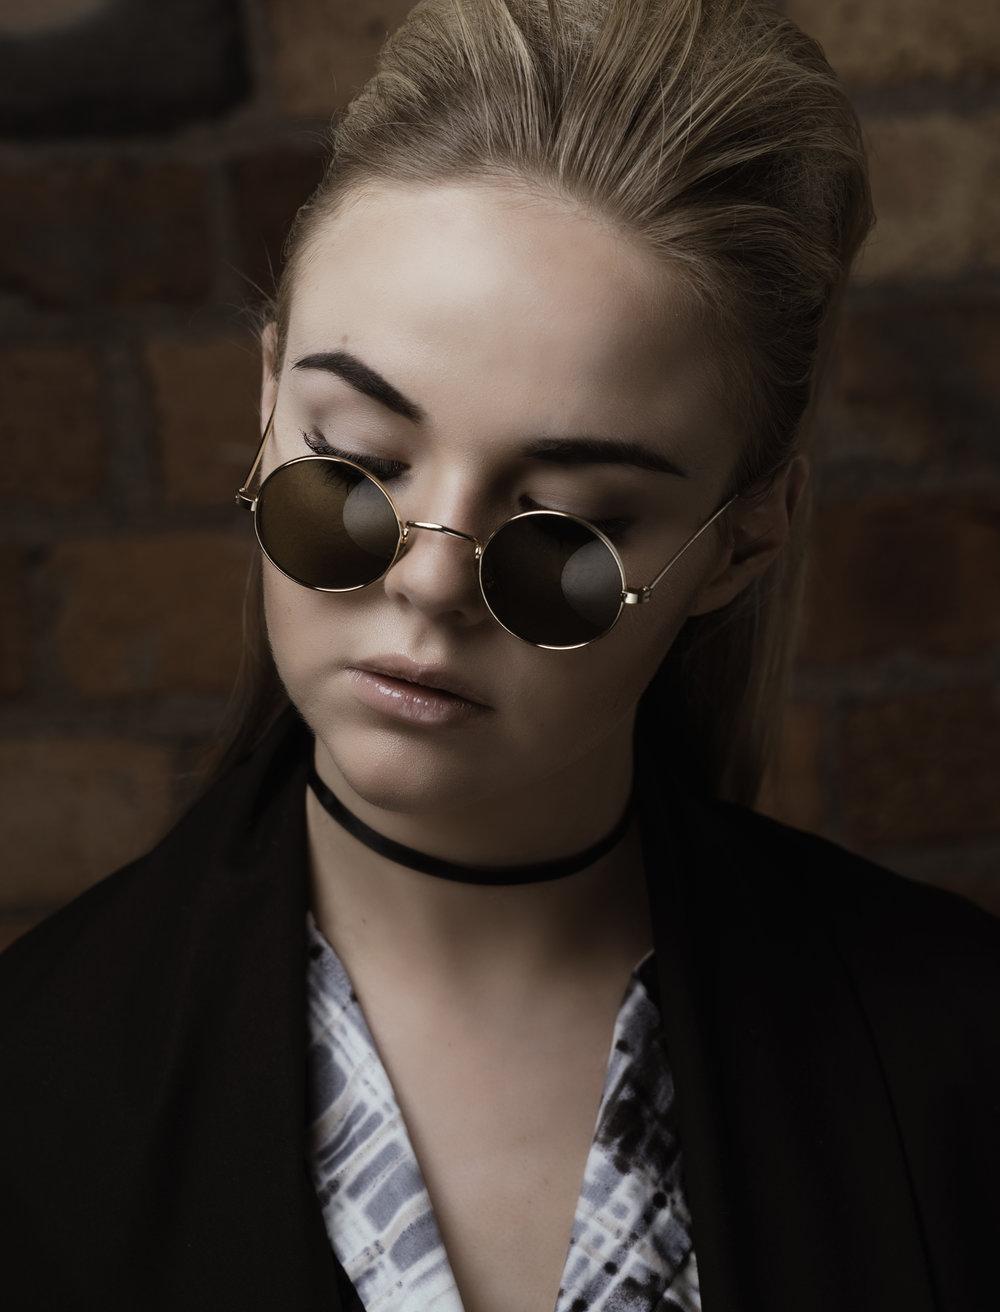 zaramia-ava-zaramiaava-leeds-fashion-designer-ethical-sustainable-glasses-versatile-drape-wrap-top-wrap-top-jacket-mio-black-white-grey-styling-studio-womenswear-photoshoot-6